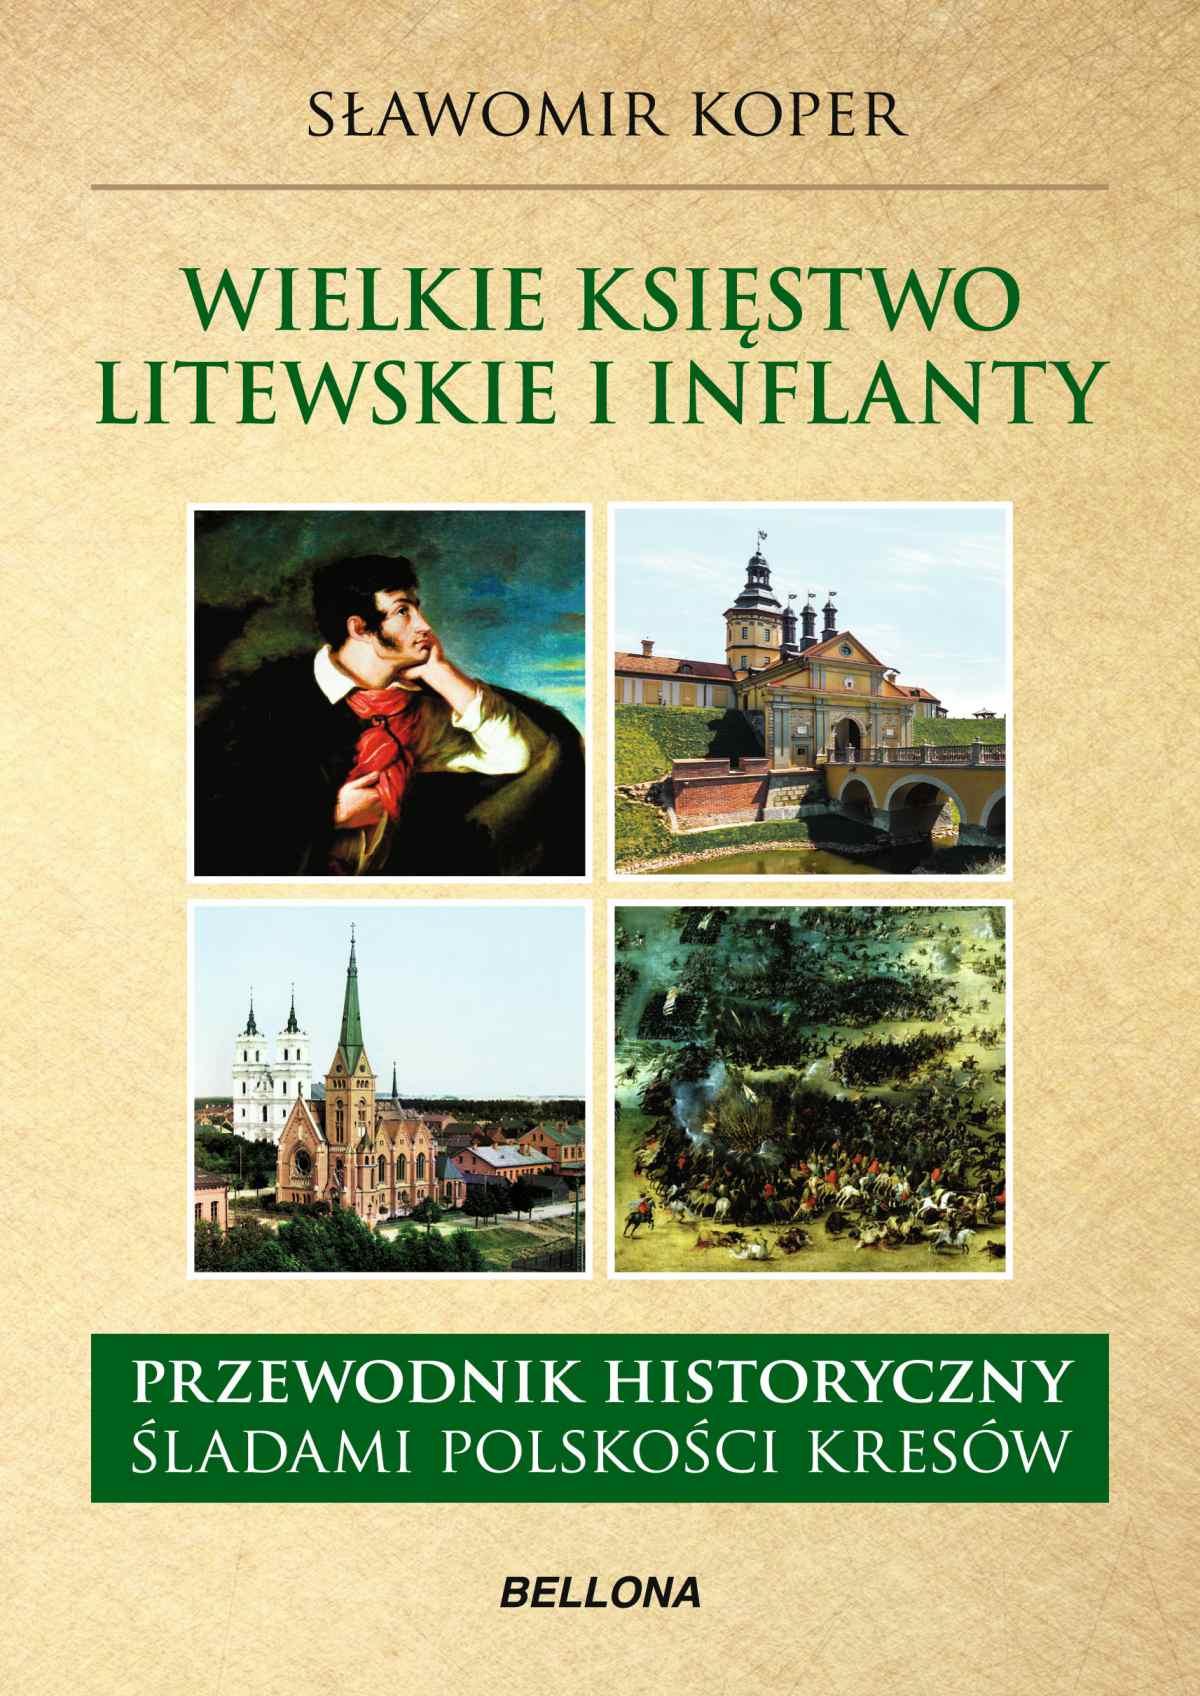 Wielkie księstwo Litewskie i Inflanty - Ebook (Książka EPUB) do pobrania w formacie EPUB